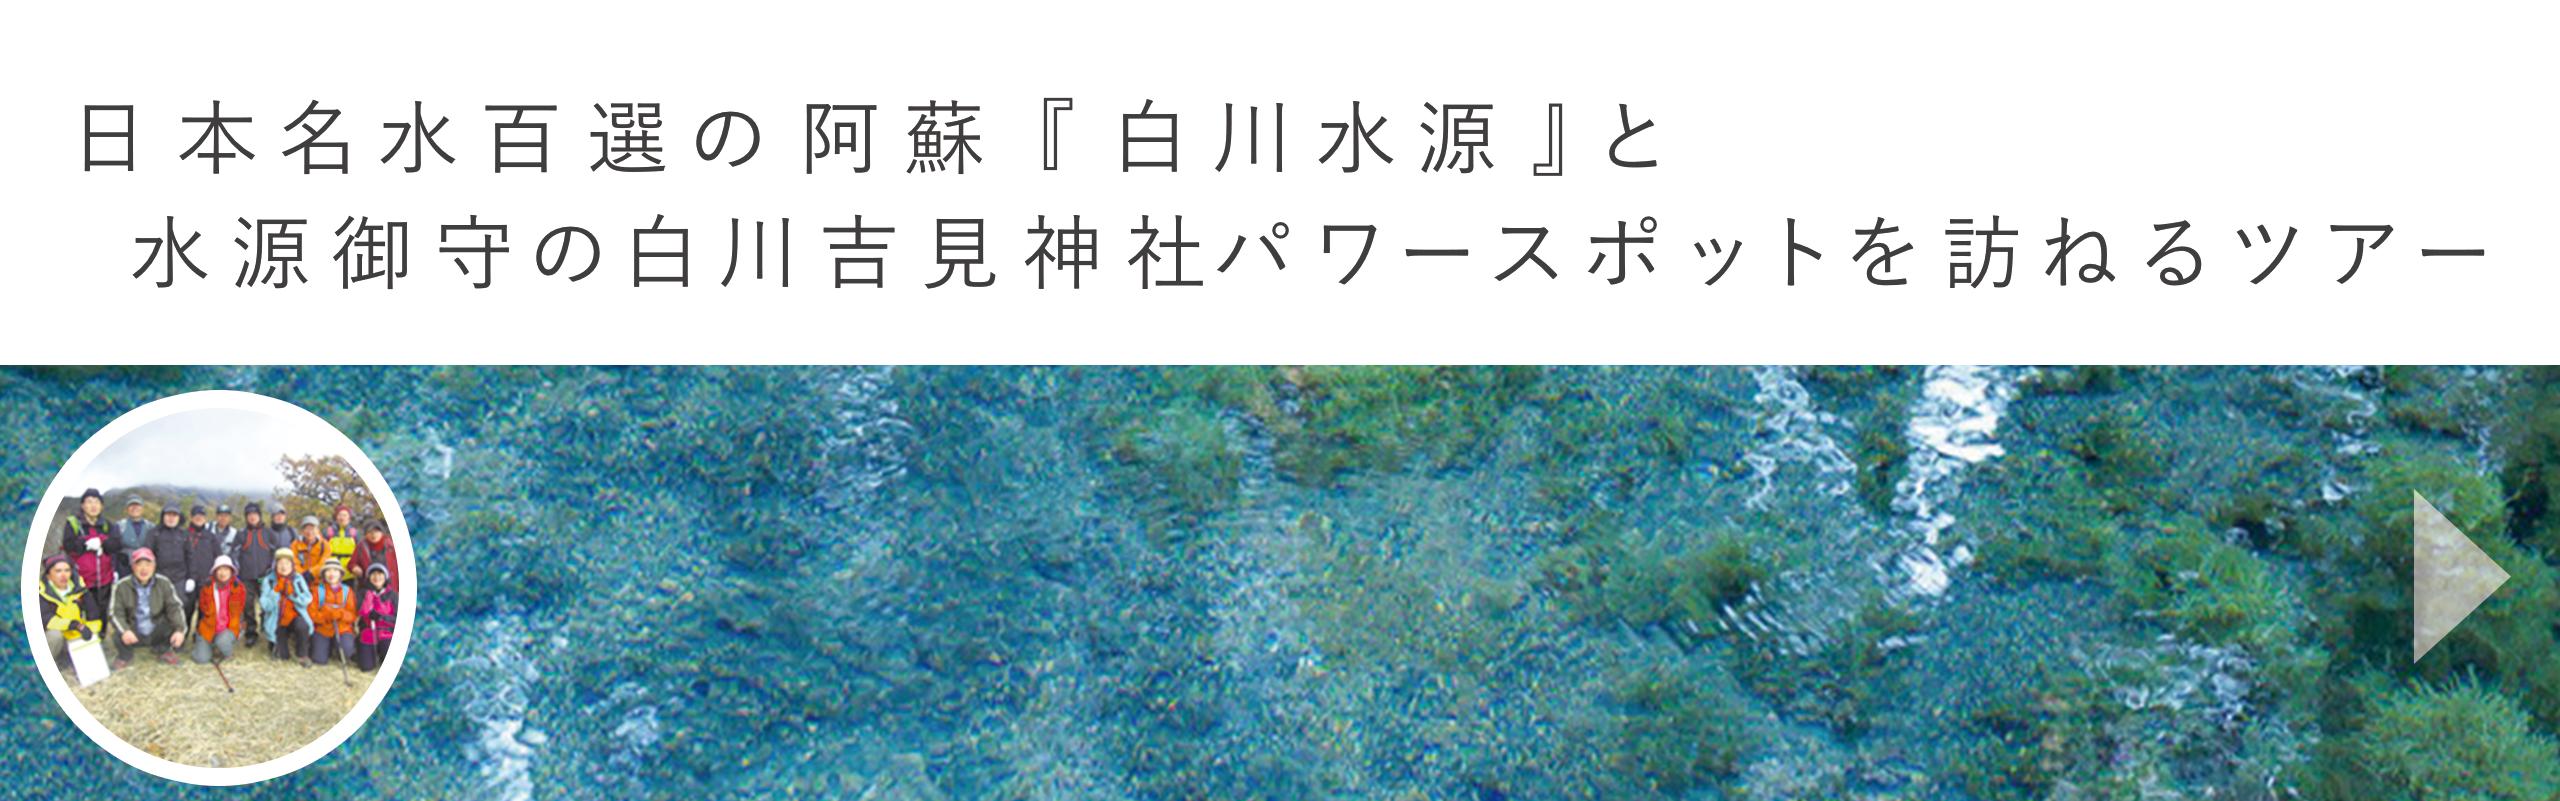 日本名水百選の阿蘇『白川水源』と水源御守の白川吉見神社パワースポットを訪ねるツアー|aini